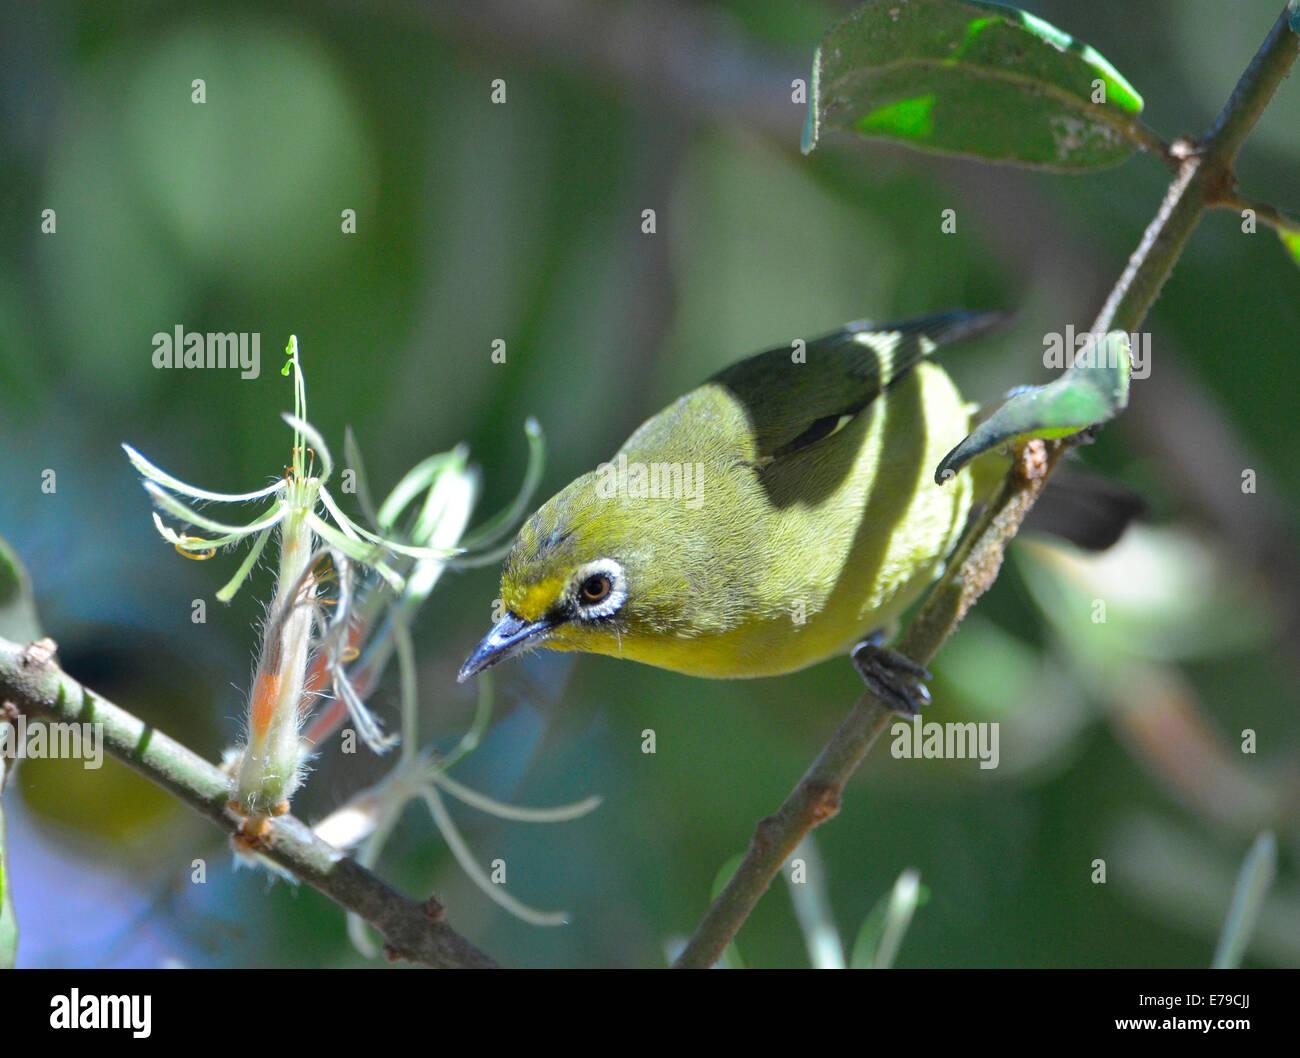 Cape mit Auge Vogel Essen Nektar von parasitären Pflanze, Kruger Park, Südafrika Stockbild